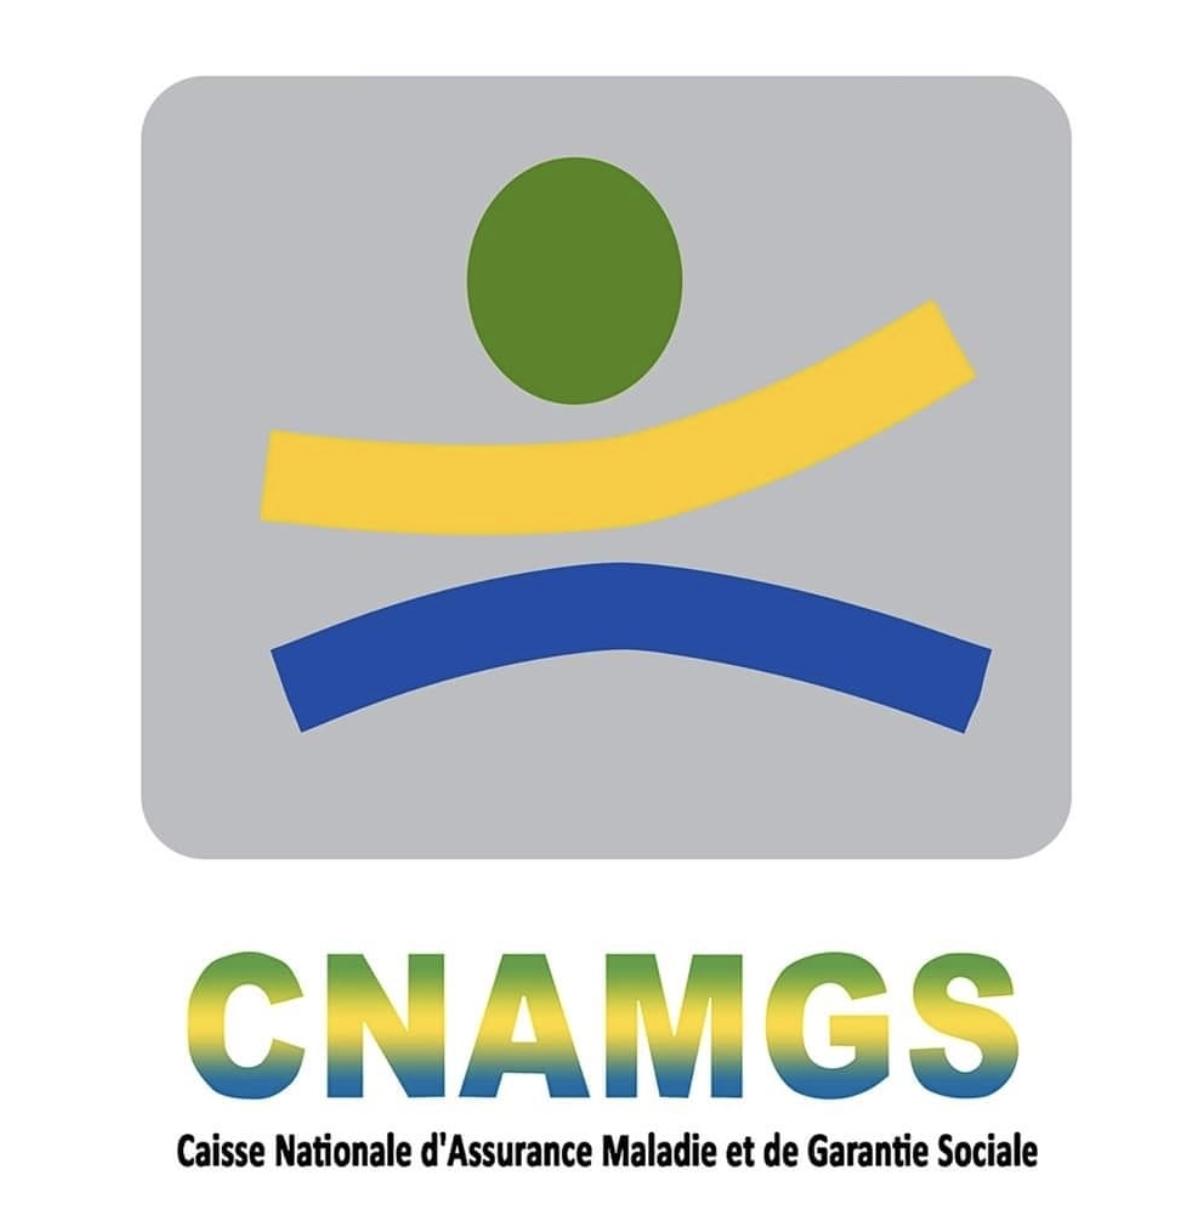 Caisse Nationale d'Assurance Maladie et de la Garantie Sociale (CNAMGS)